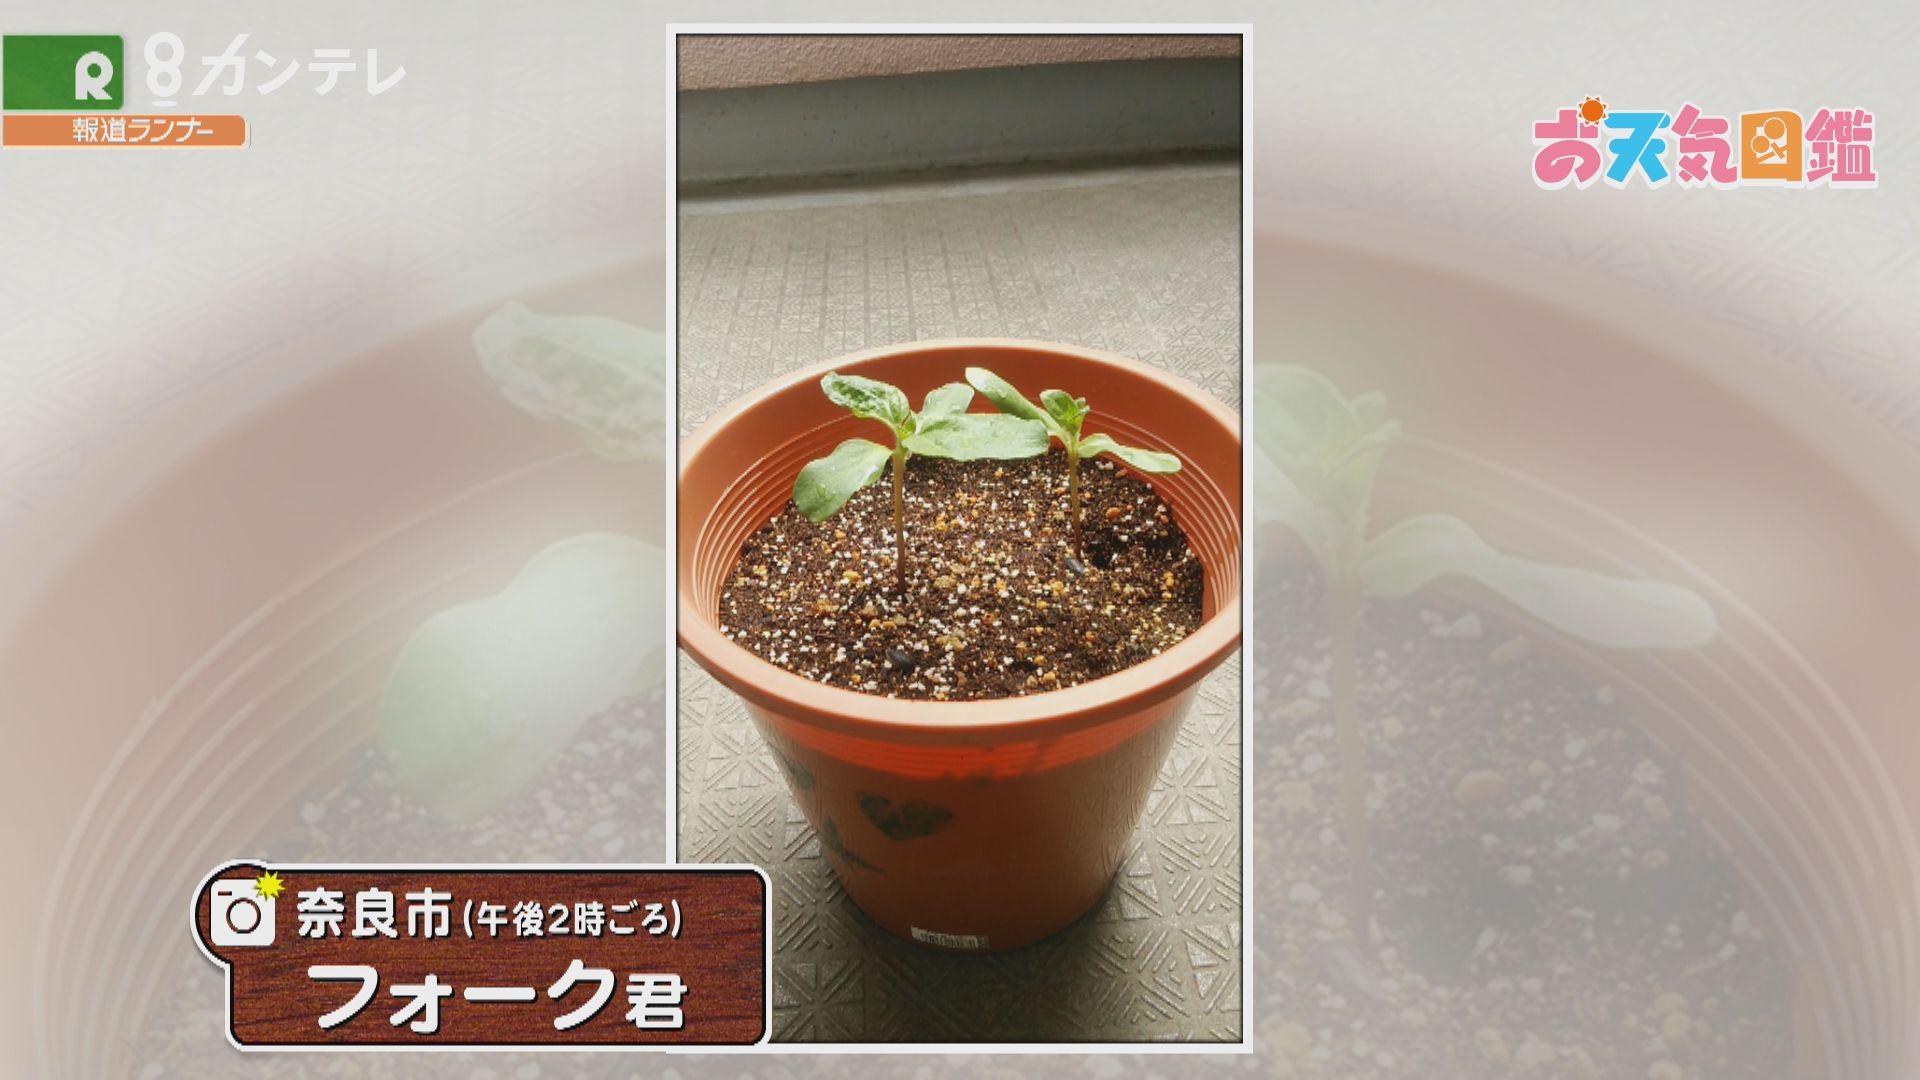 「元気に育って!」(奈良市)